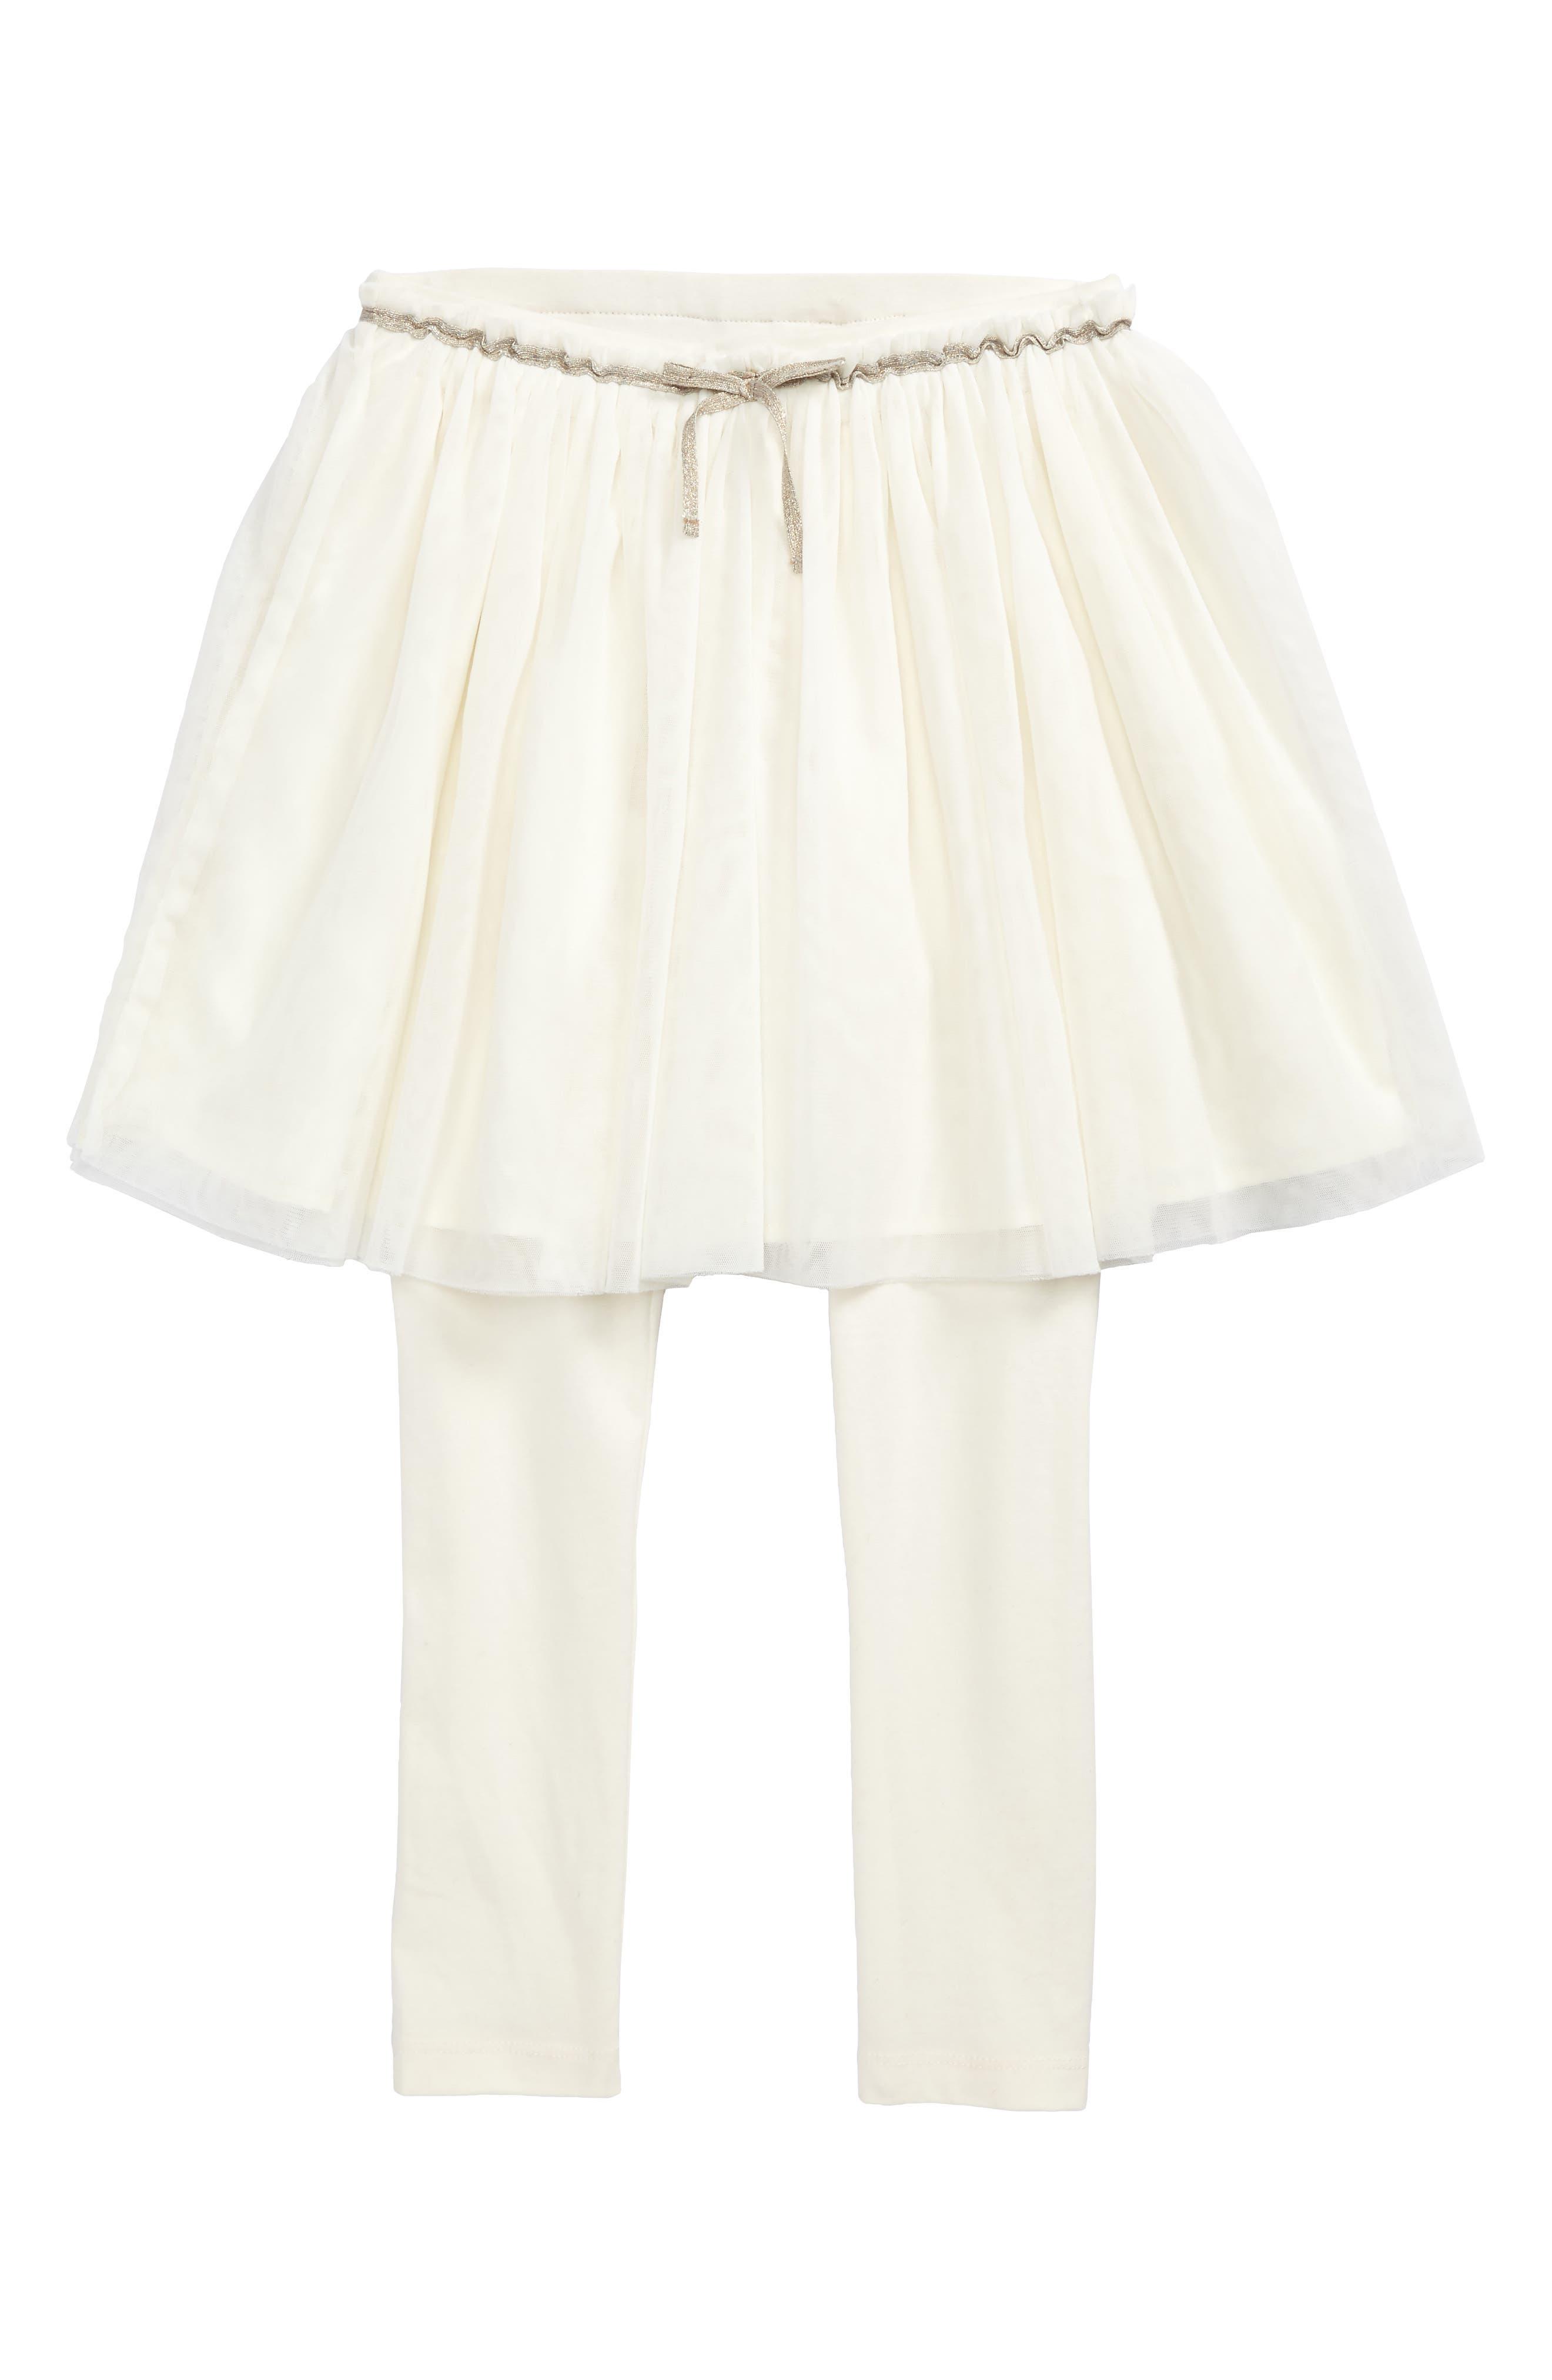 Main Image - Tucker + Tate Skirted Leggings (Toddler Girls, Little Girls & Big Girls)